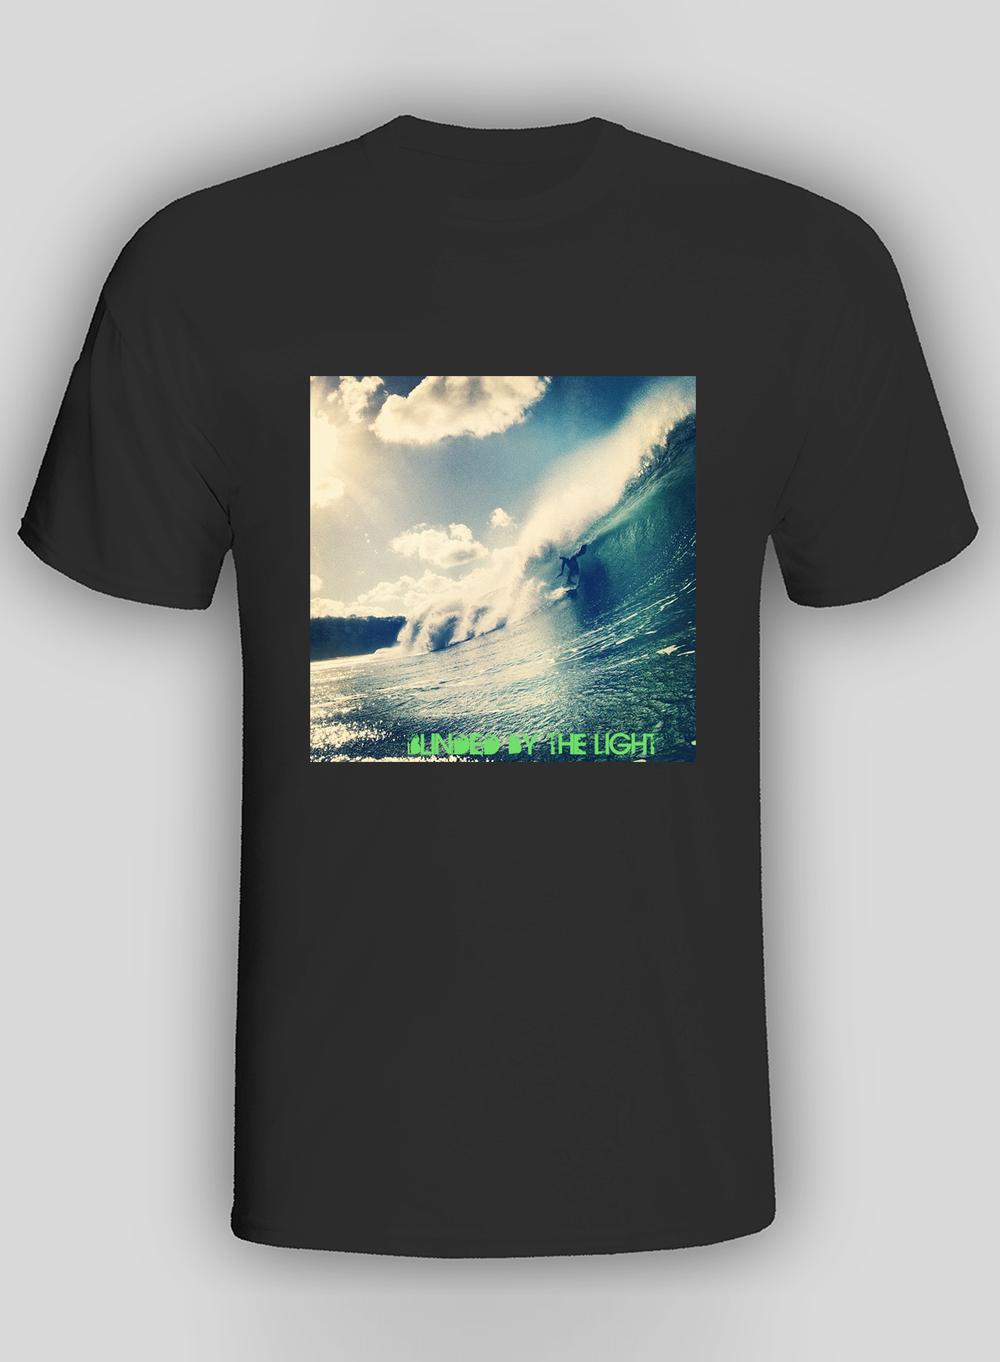 BBTL shirt.jpg